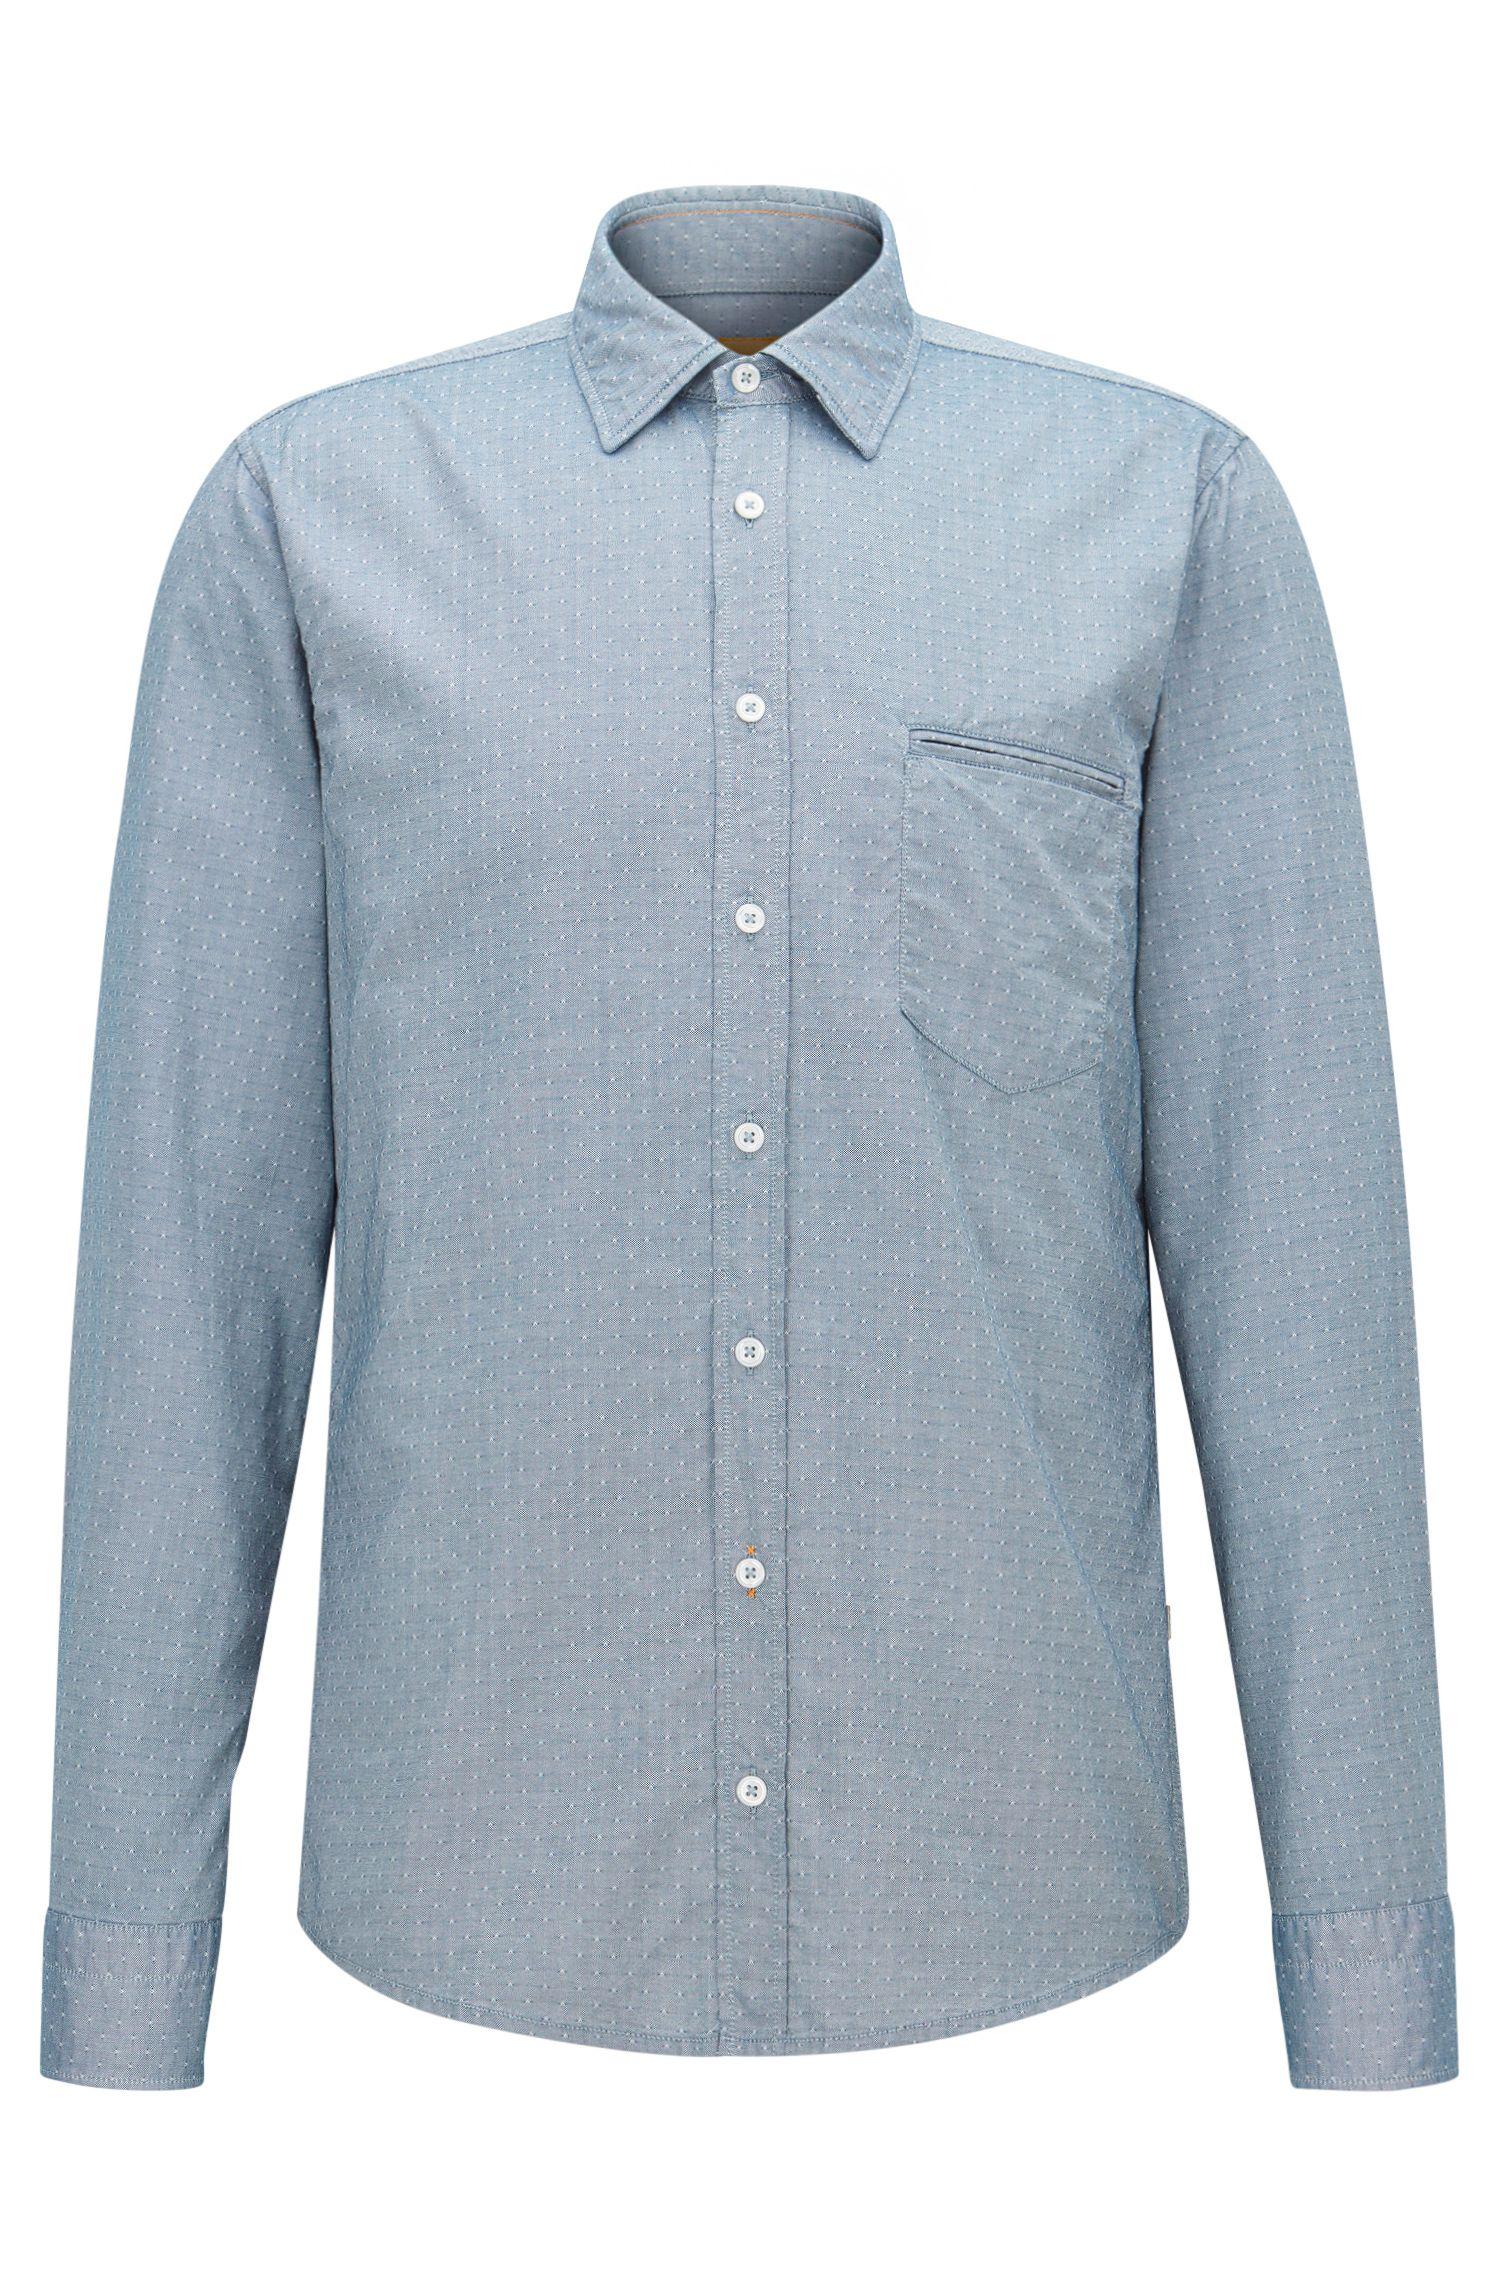 Cotton Button Down Shirt, Regular Fit | Classy